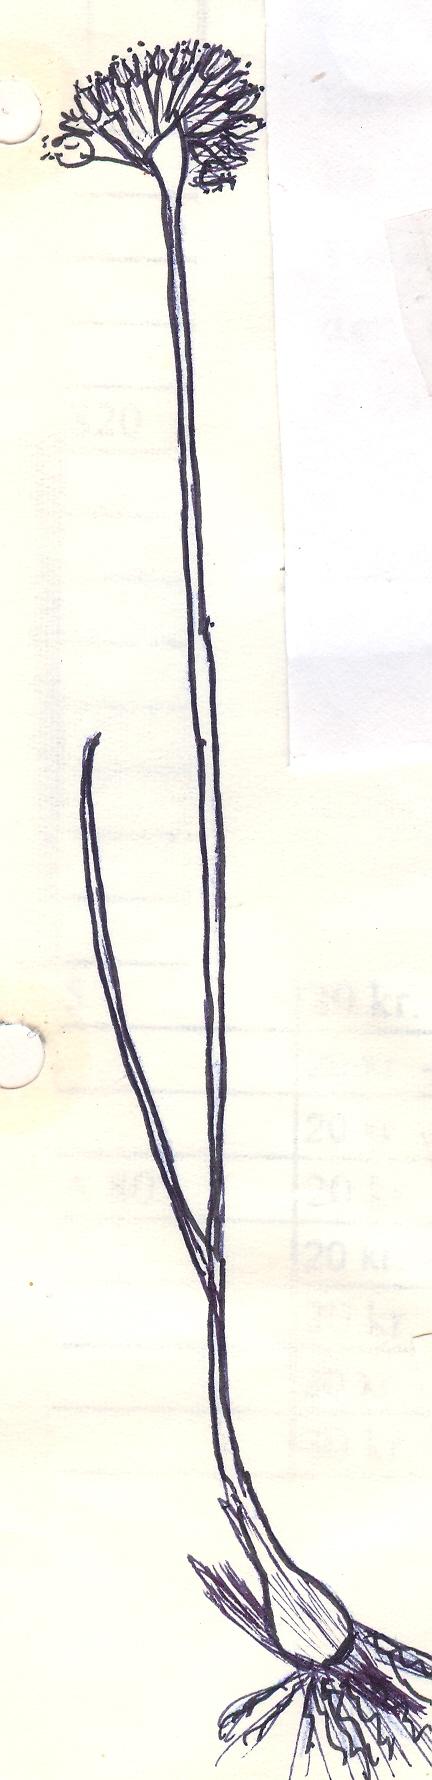 Allium%20tenuicaule.jpg